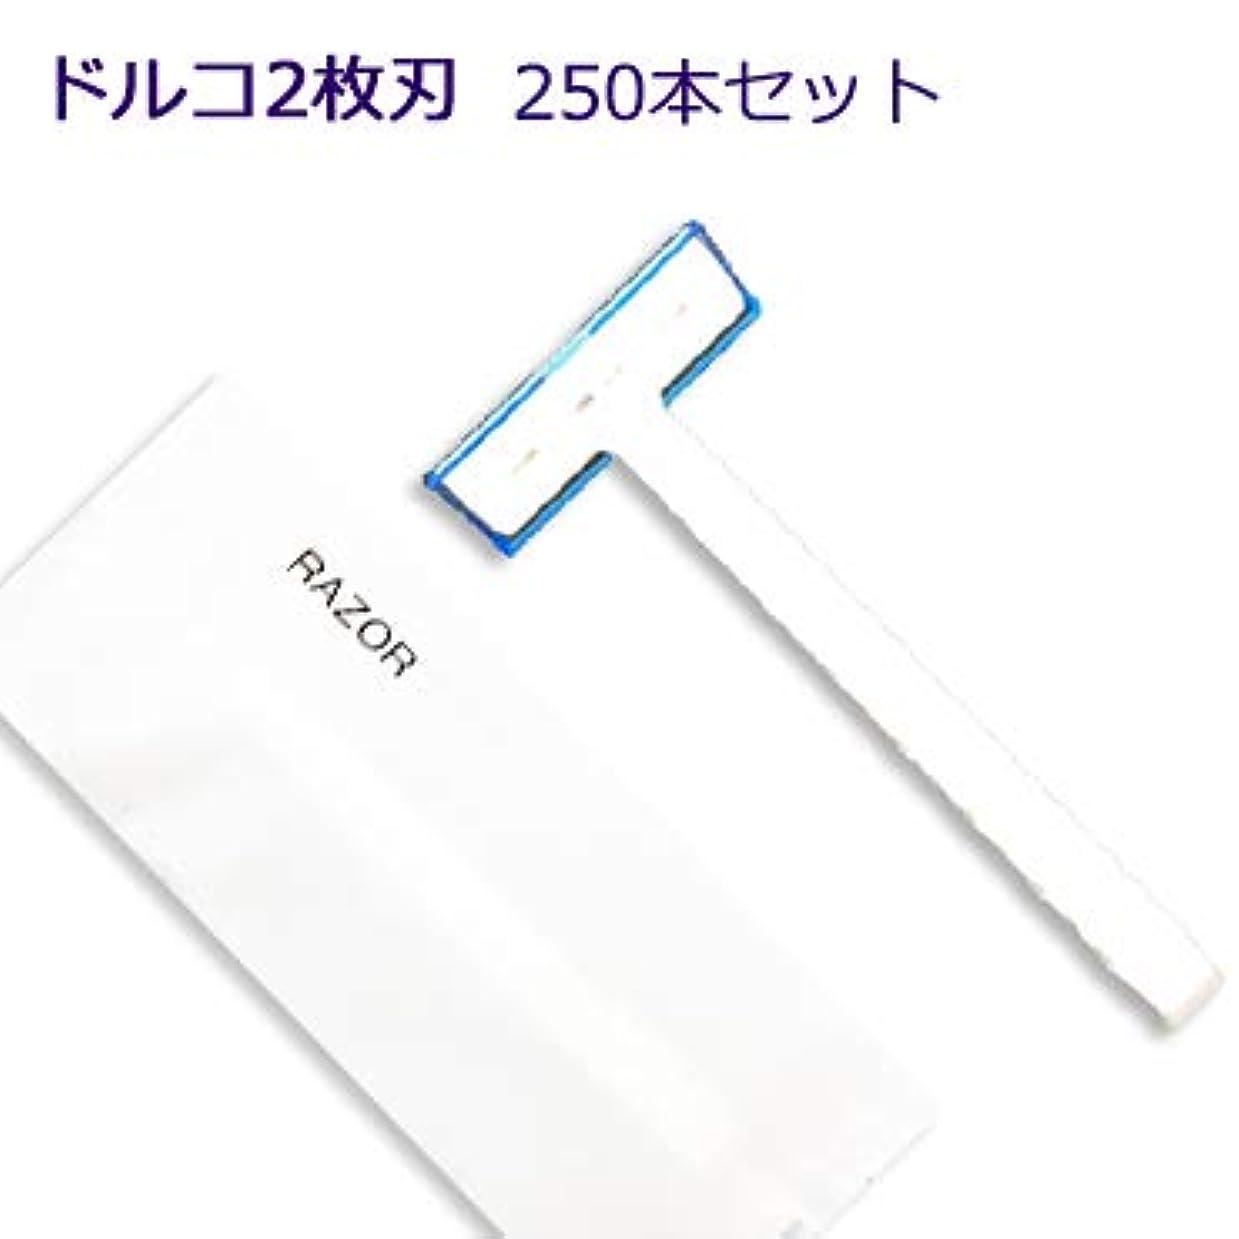 象岸逃すホテル業務用 カミソリ マットシリーズ ドルコ 2枚刃 (1セット250本入)